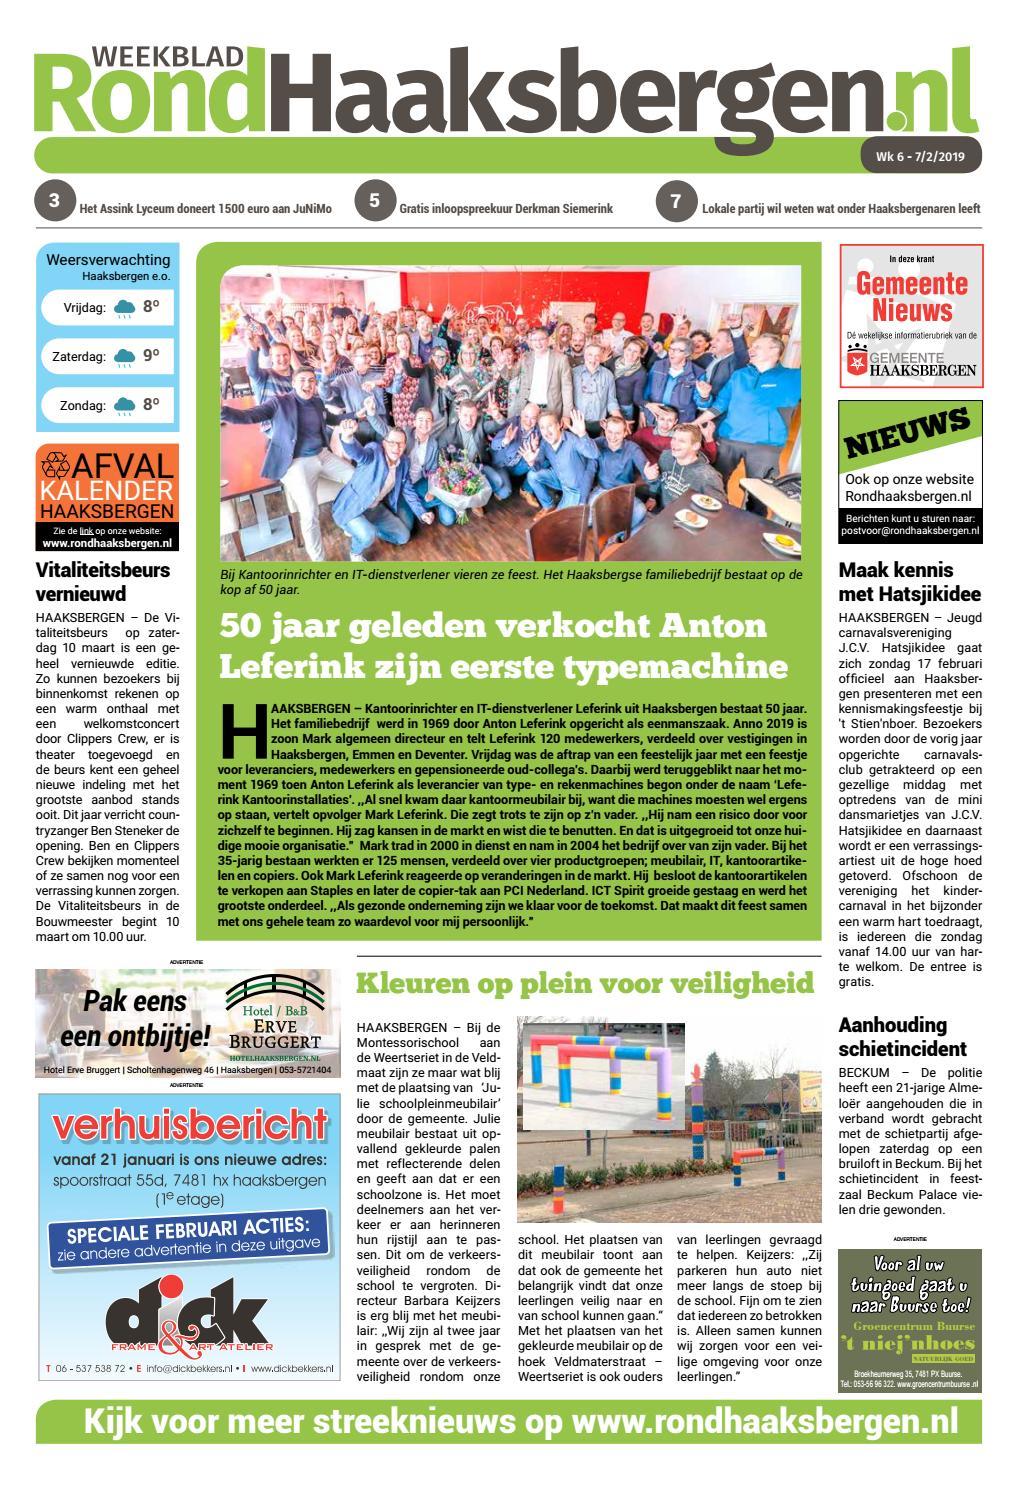 2019roha Wk06 By Weekblad Rond Haaksbergen Issuu